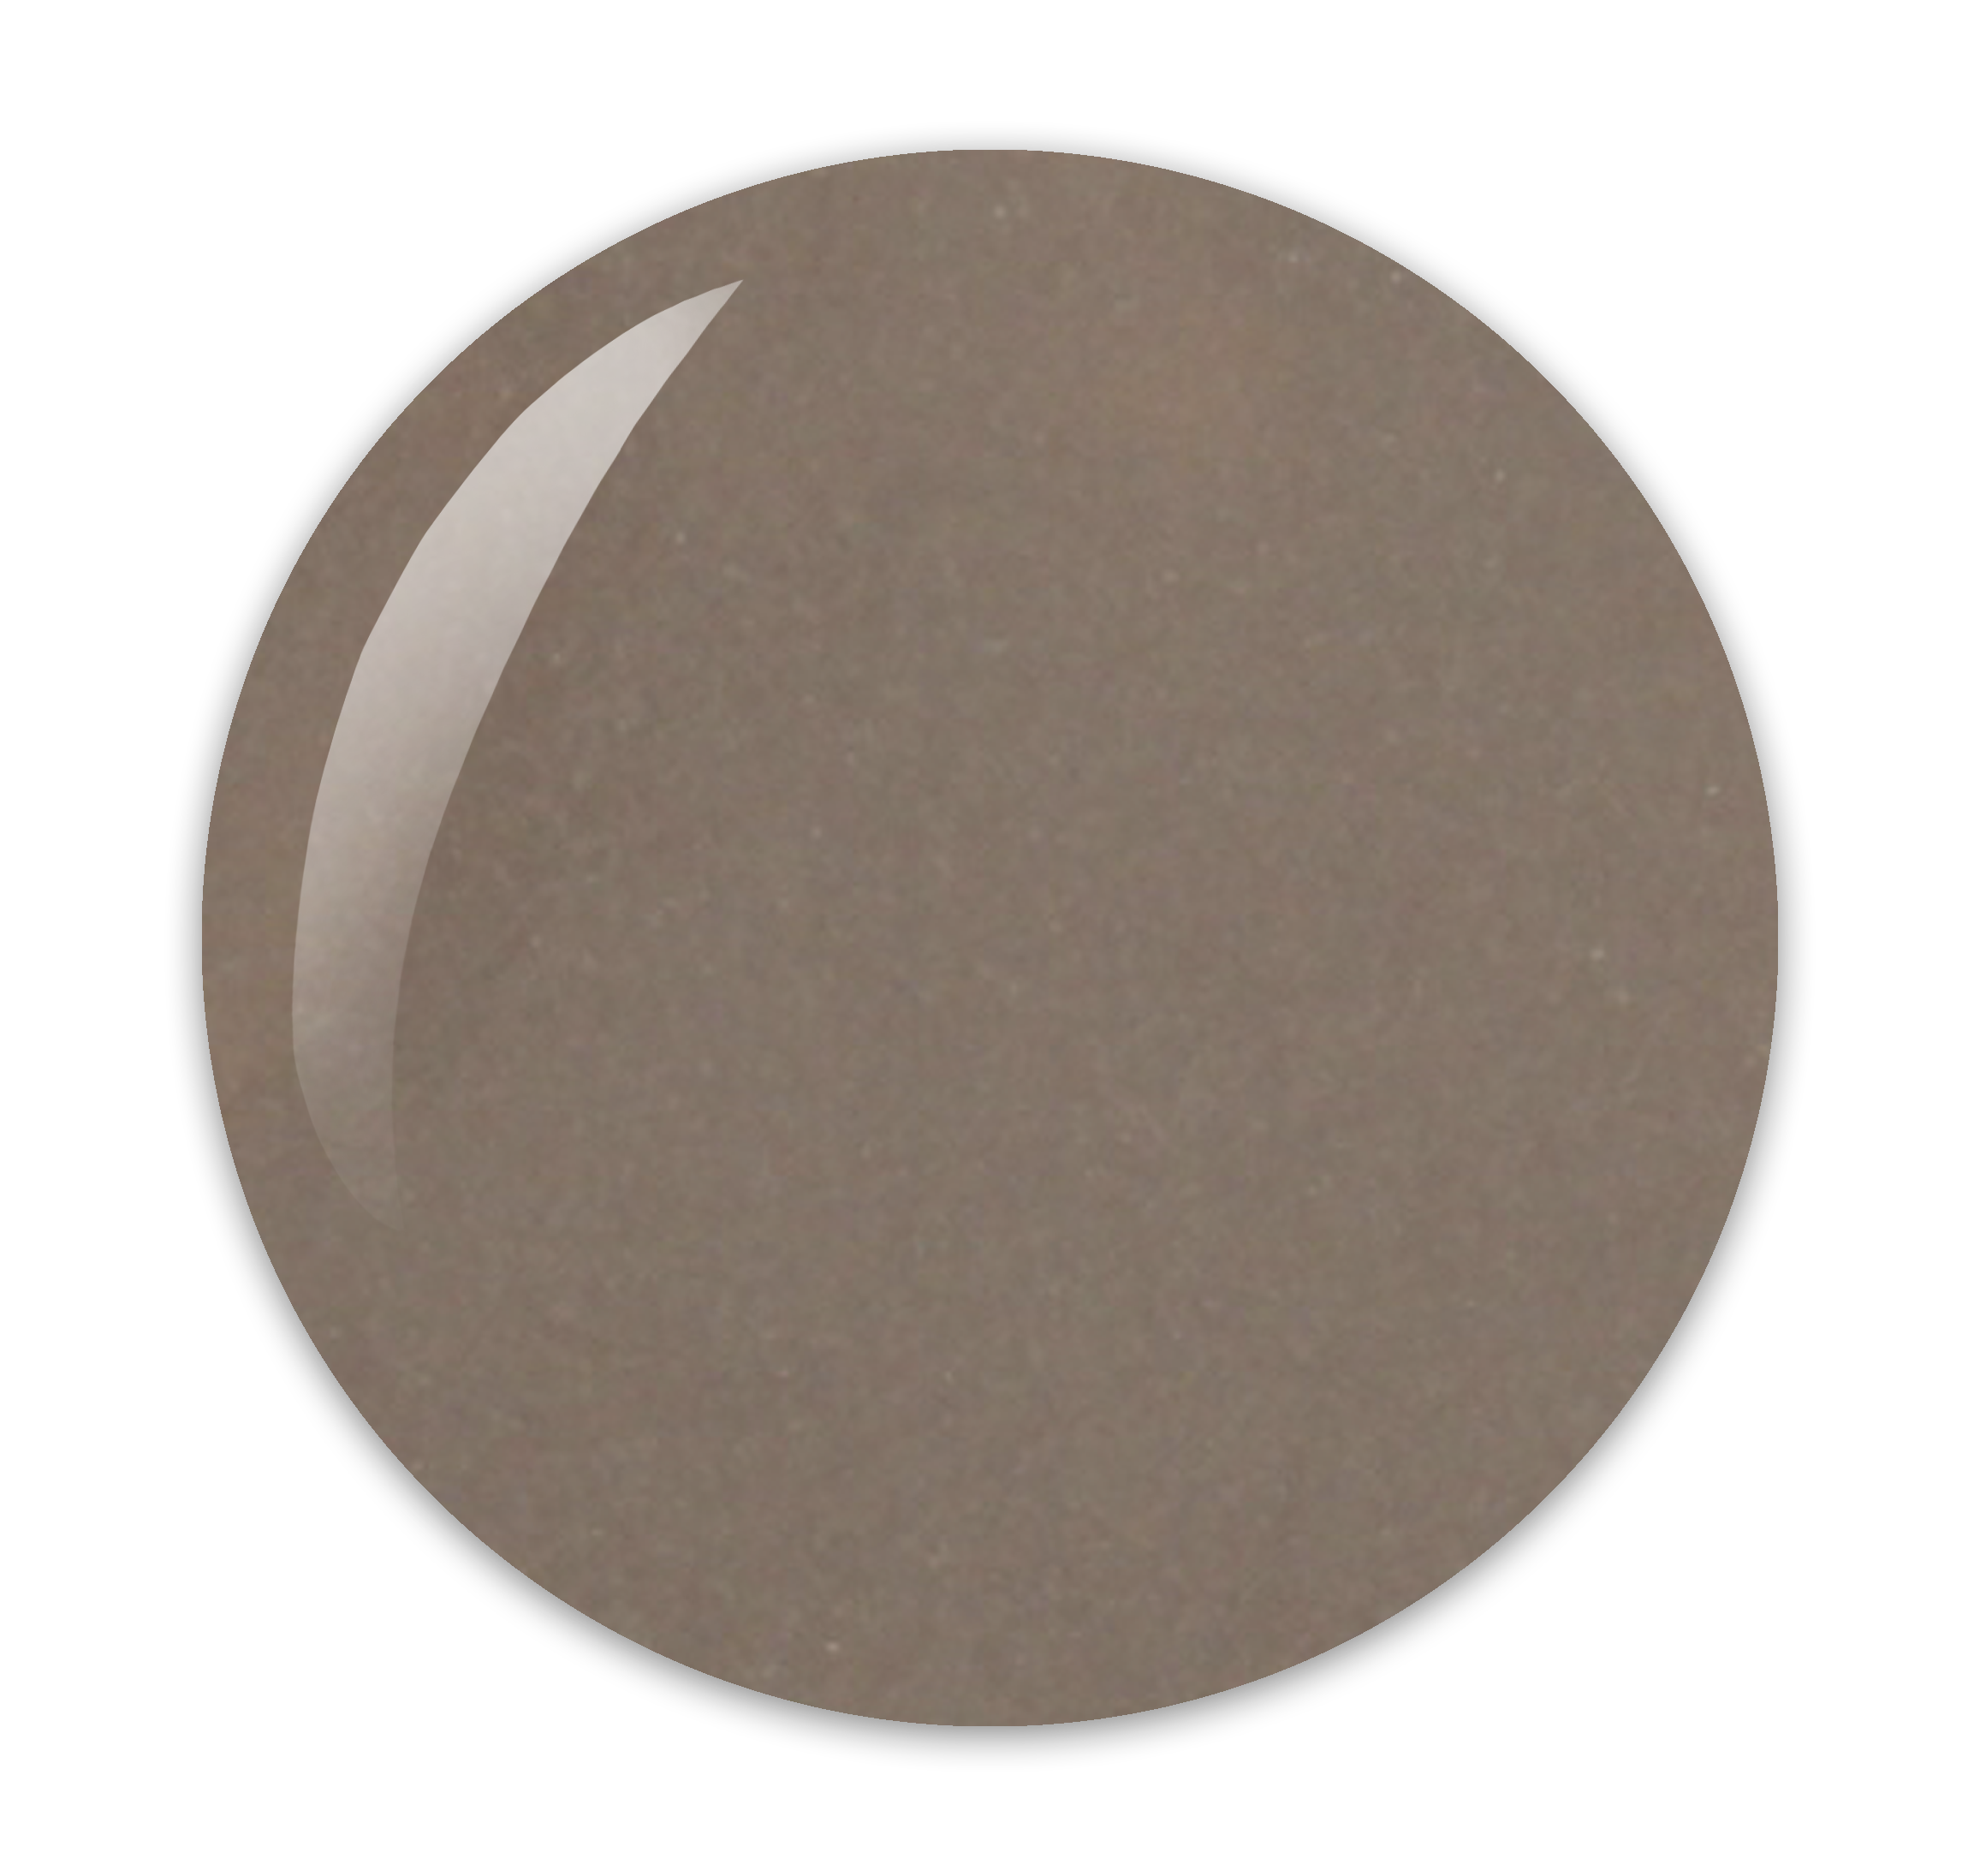 Herôme nagellak kleur nr 11 uit Take Away Nail Colour selectie